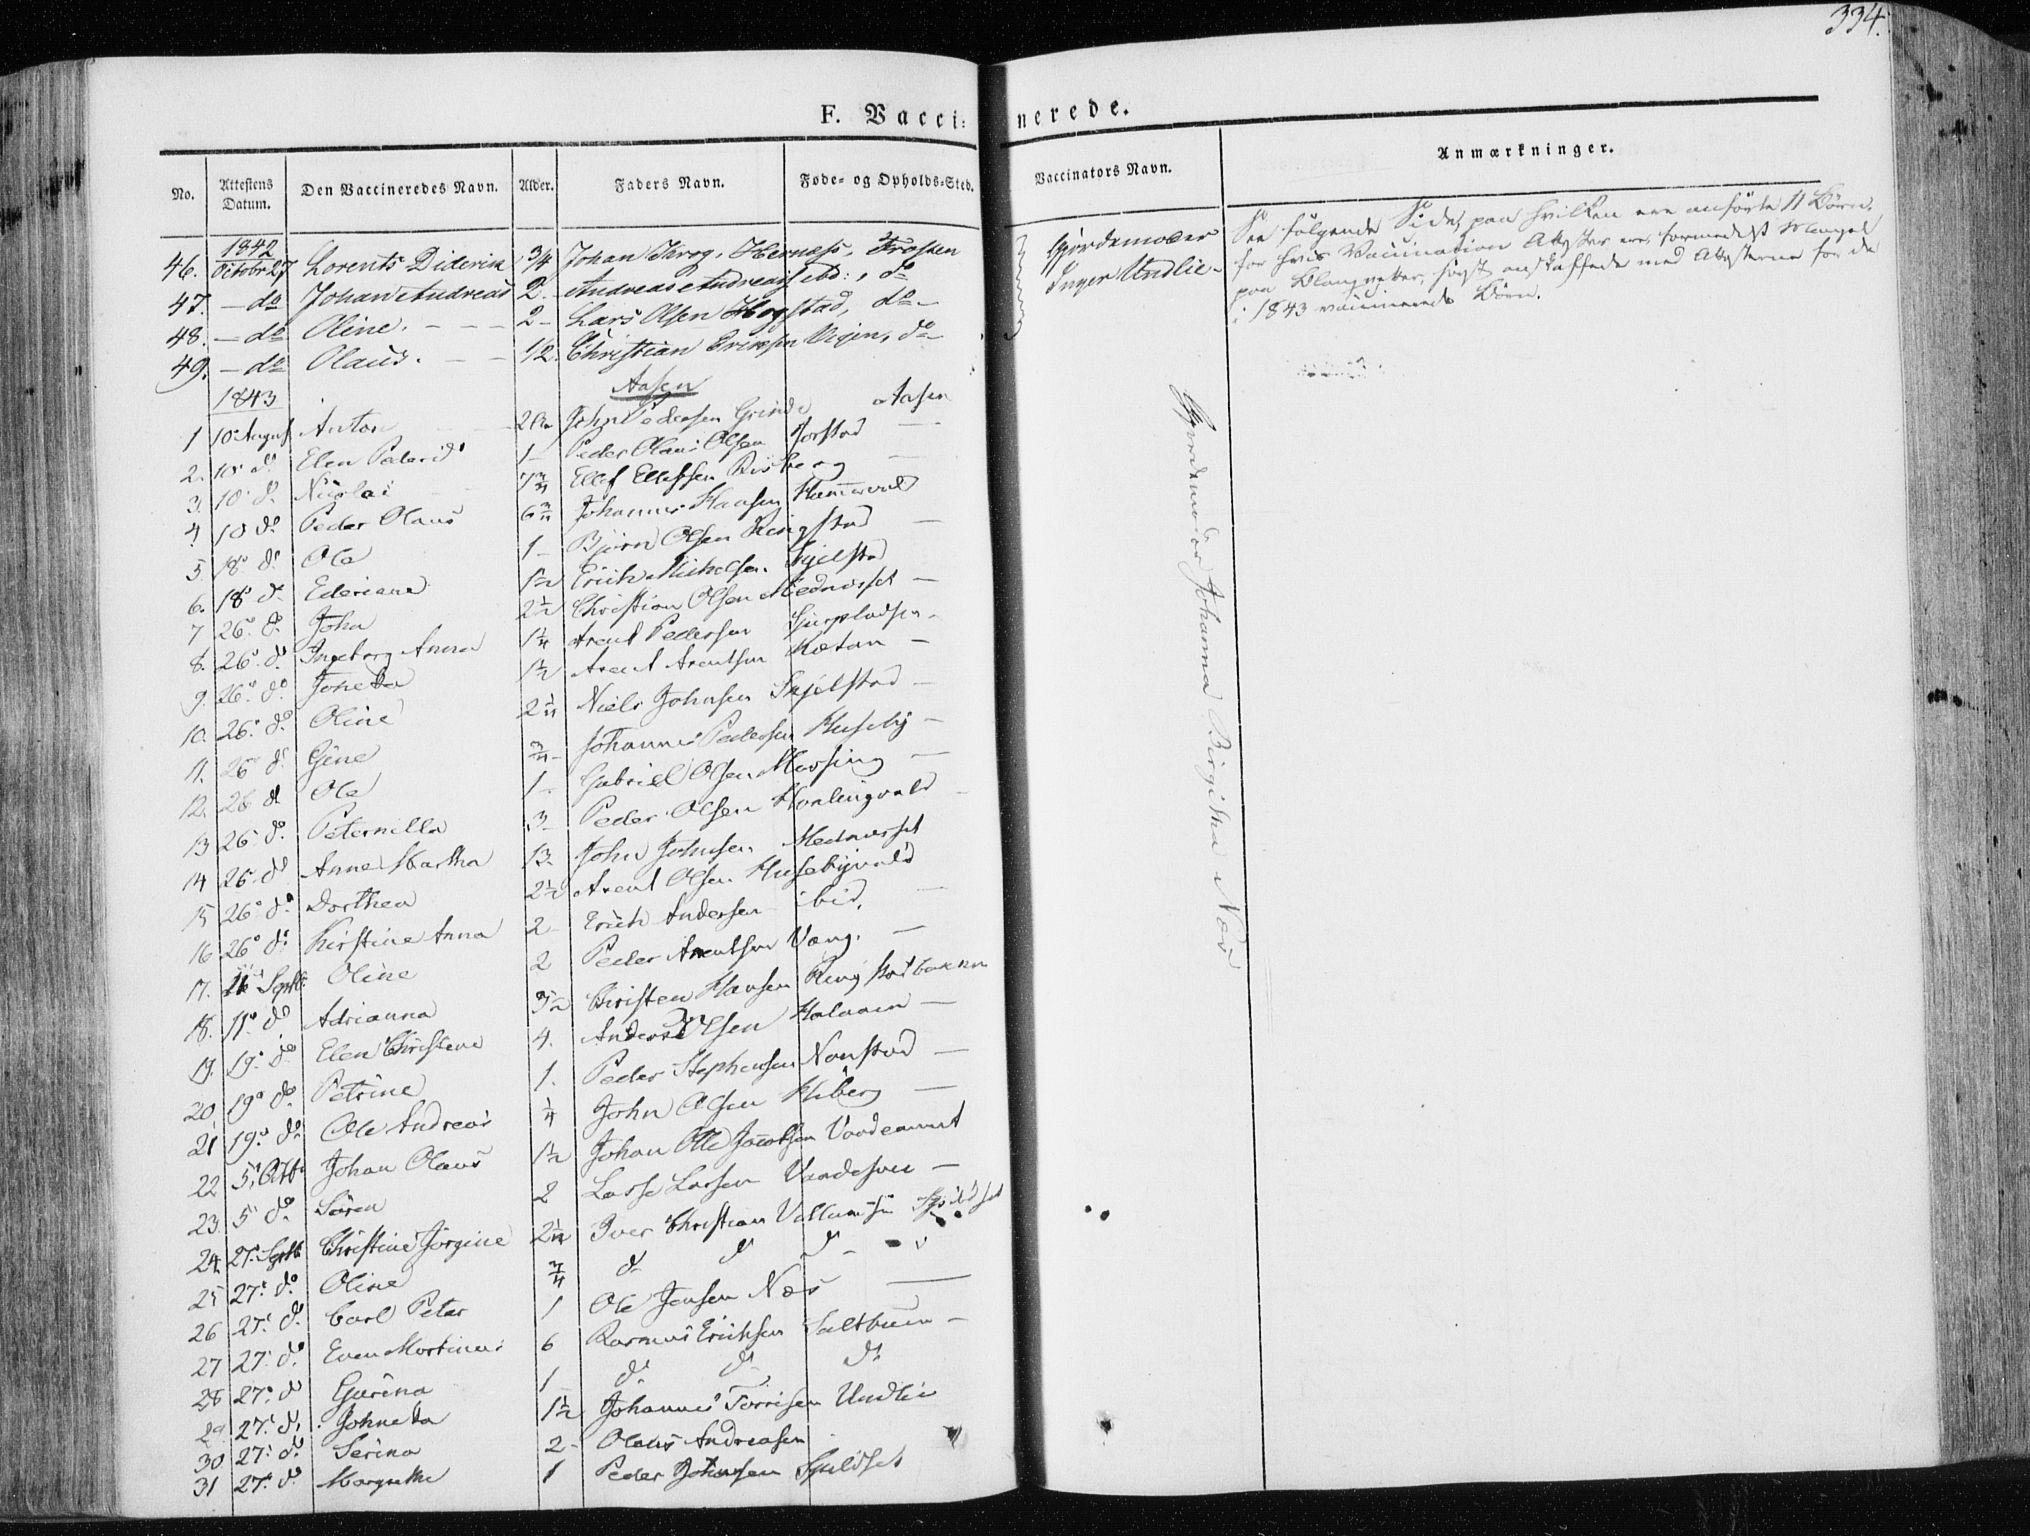 SAT, Ministerialprotokoller, klokkerbøker og fødselsregistre - Nord-Trøndelag, 713/L0115: Ministerialbok nr. 713A06, 1838-1851, s. 334